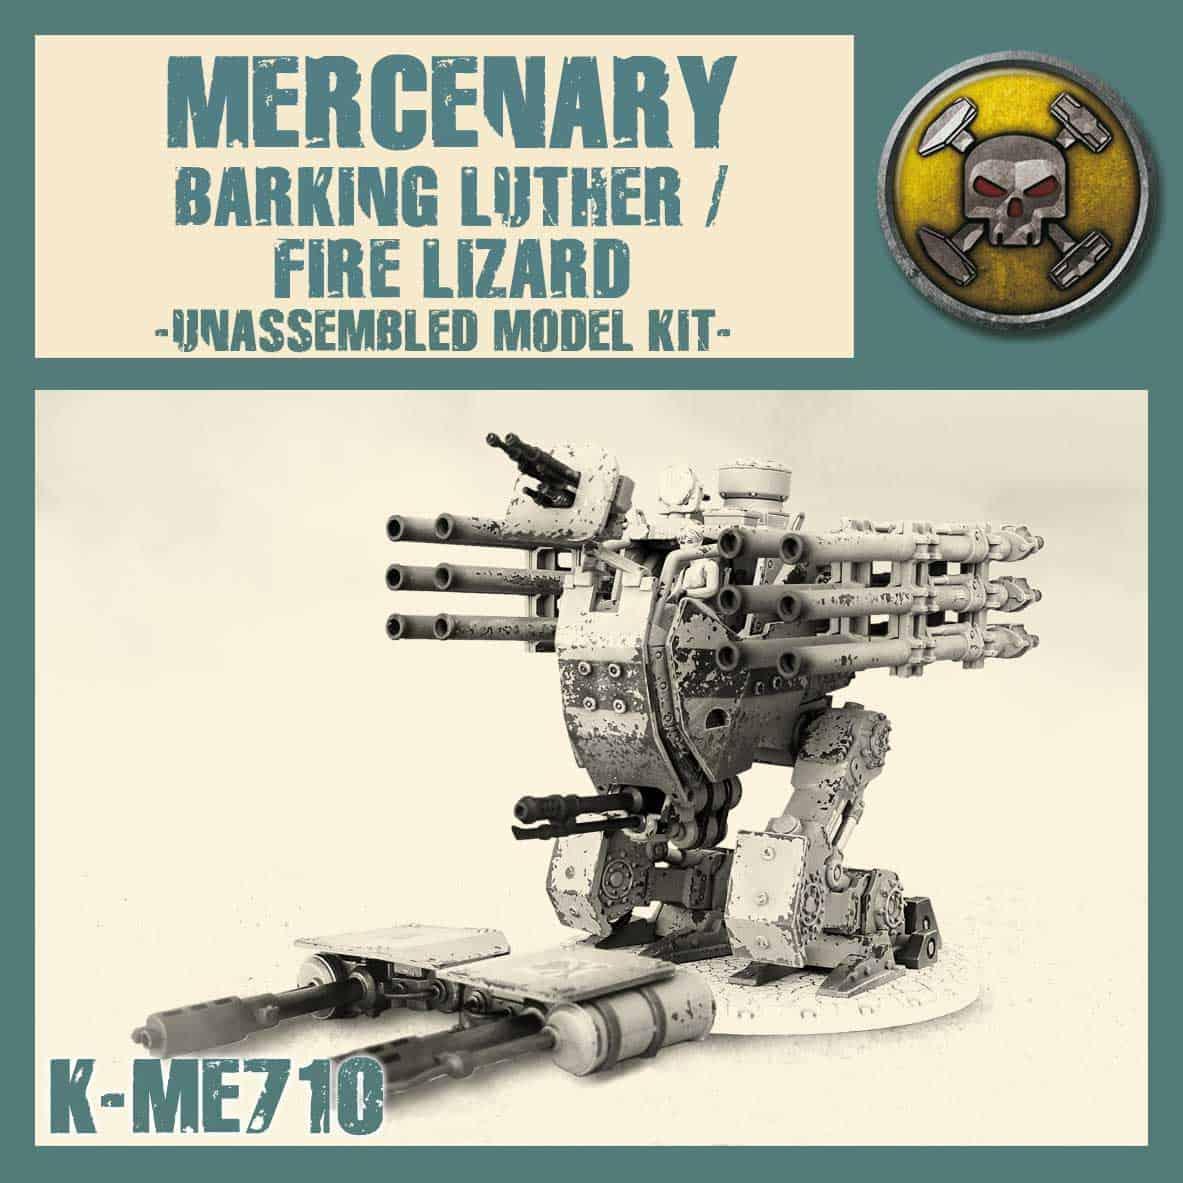 Barking Luther/Fire Lizard Kit